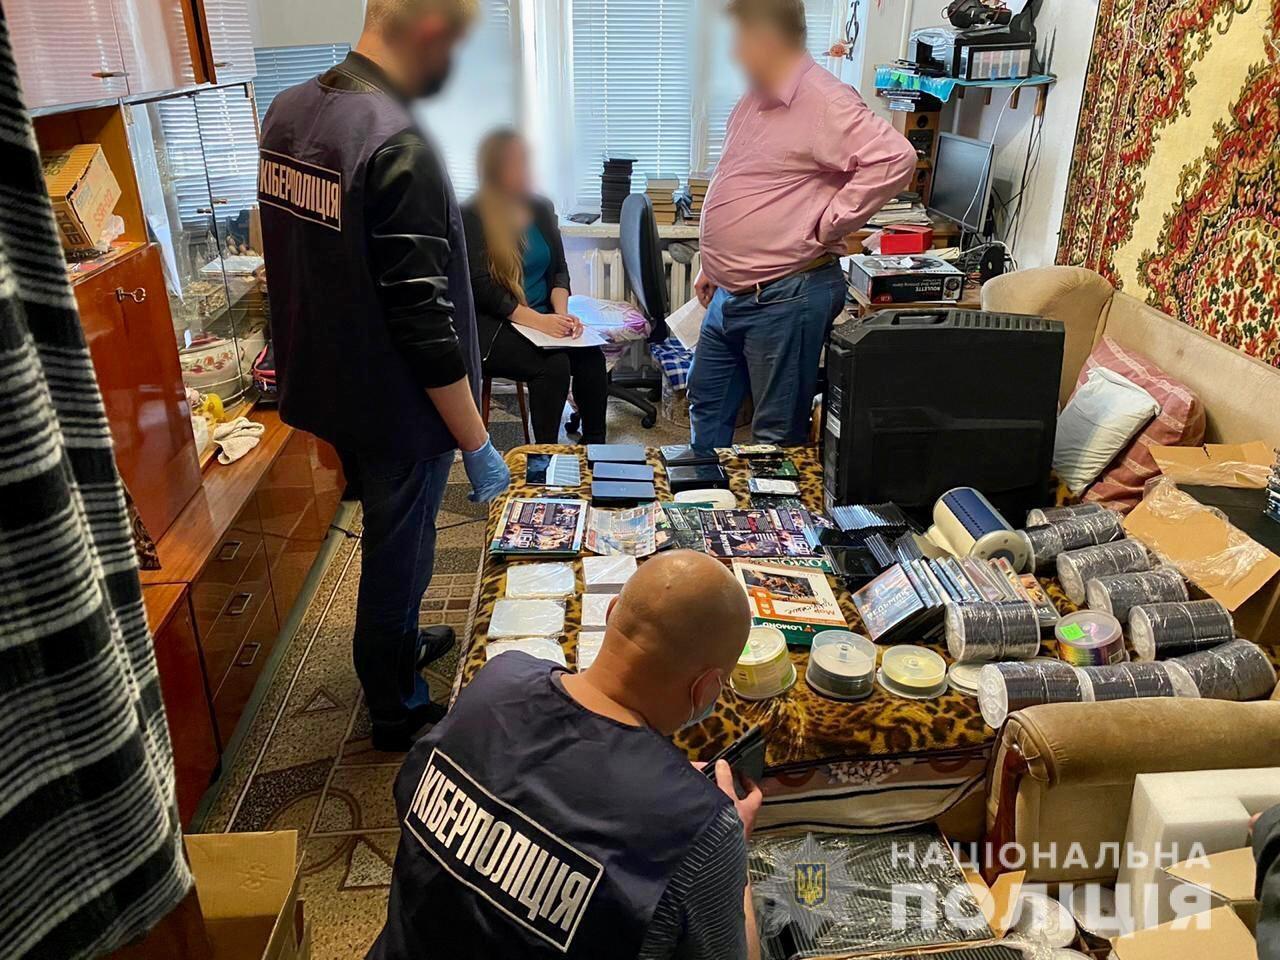 Херсонские полицейские поймали николаевца, создавшего несколько пиратских сайтов для просмотра фильмов